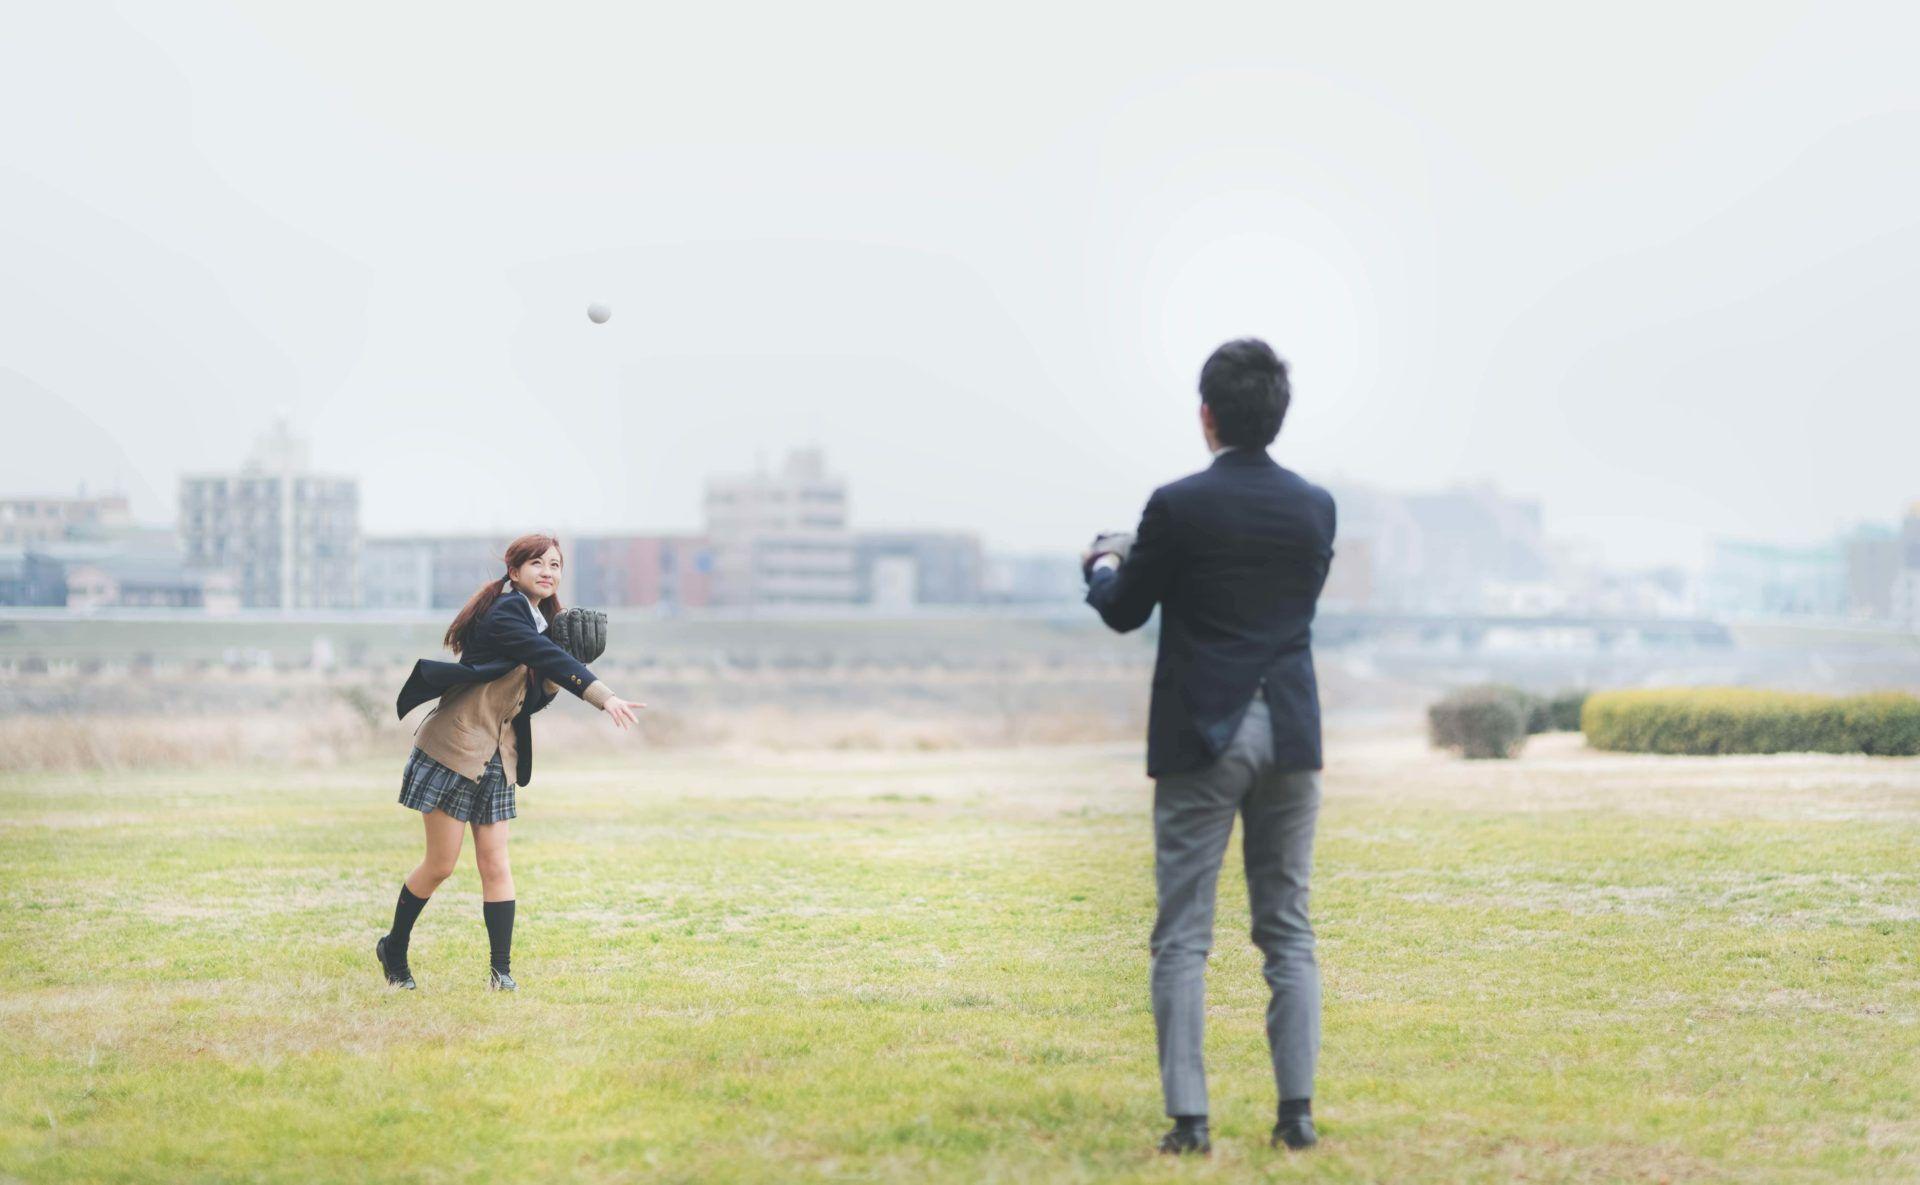 秋にキャッチボールをする高校生